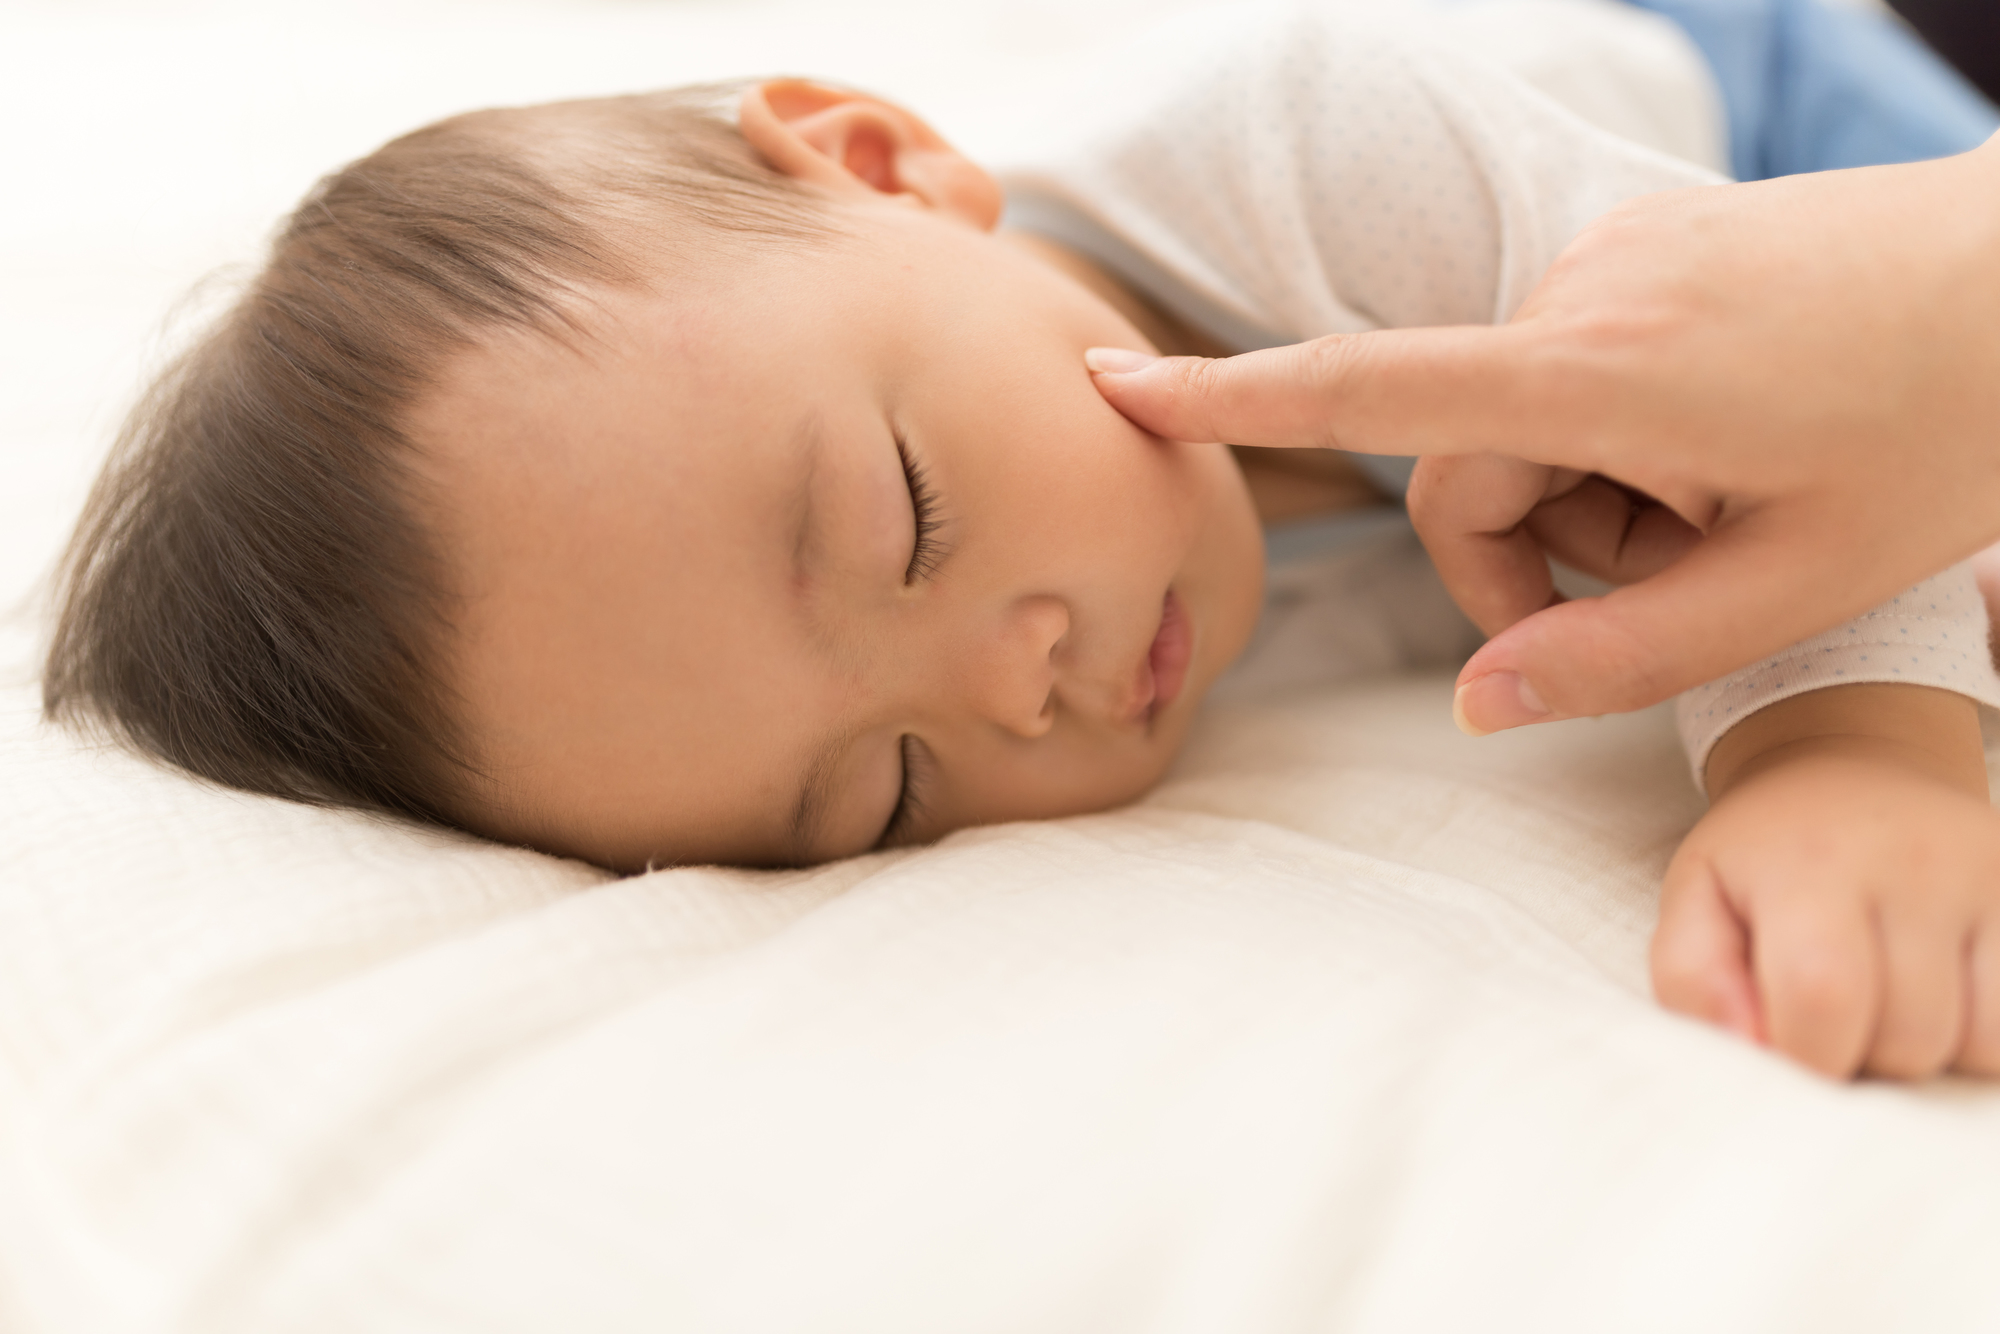 ママがインフルエンザに!赤ちゃんのお世話は?隔離できない・・・|看護師監修